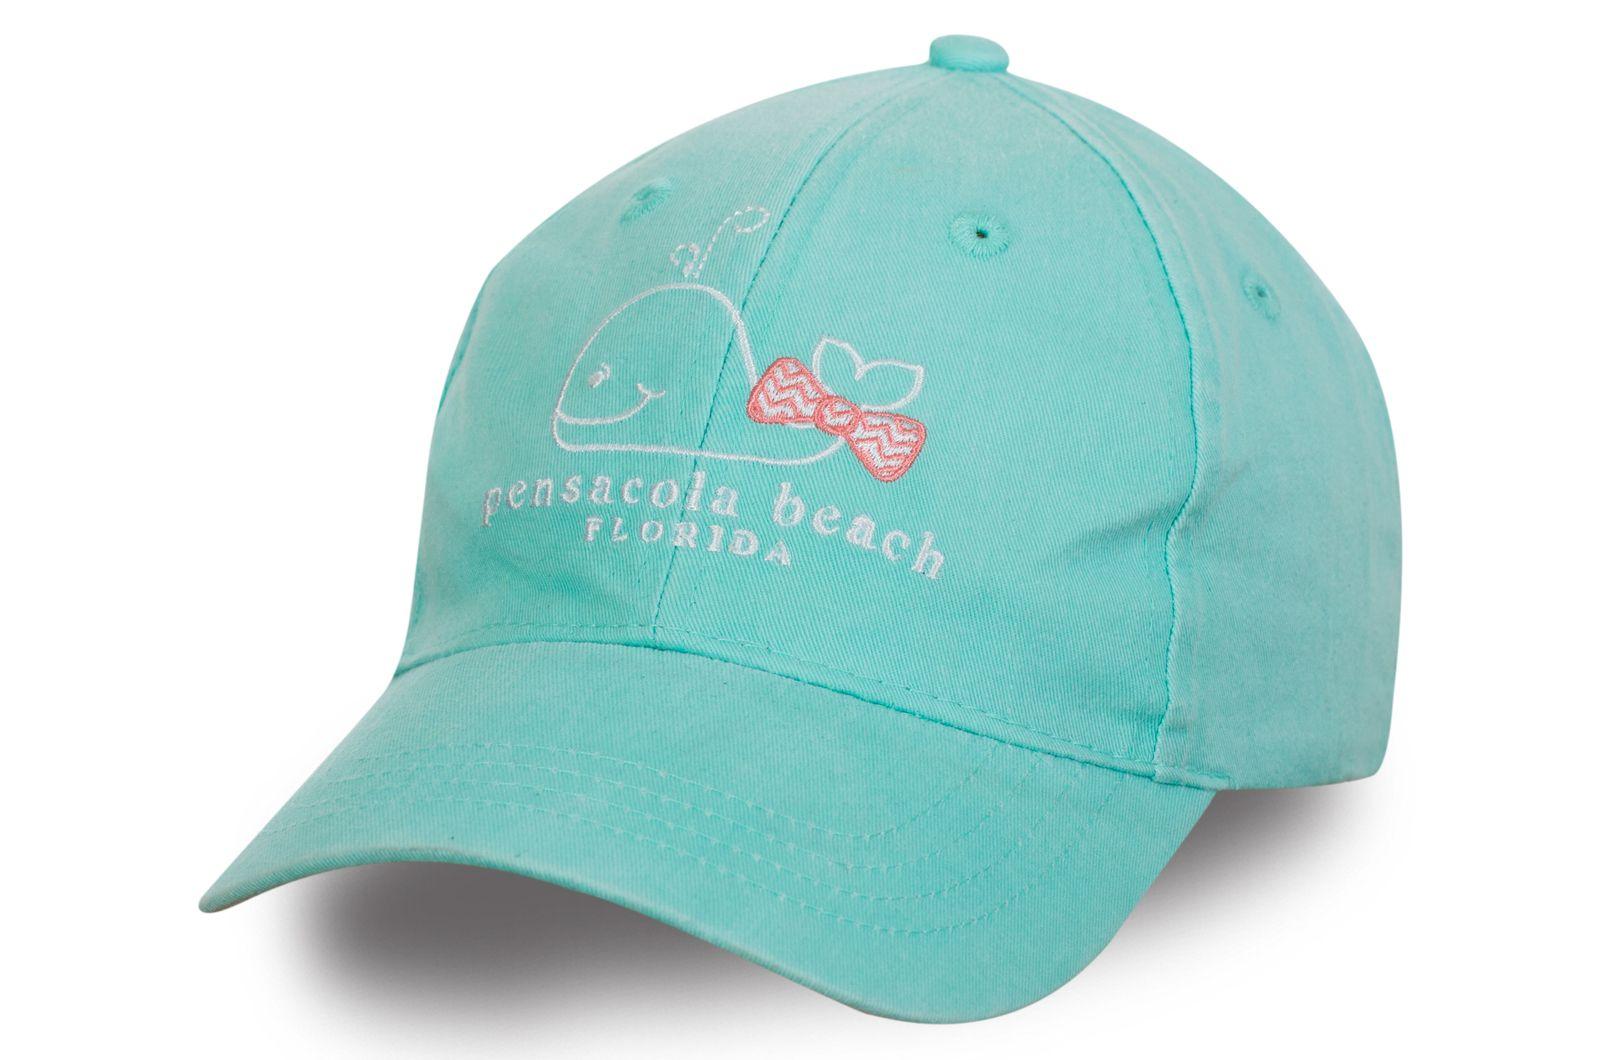 Пляжная девчачья бейсболка - купить по супер низкой цене